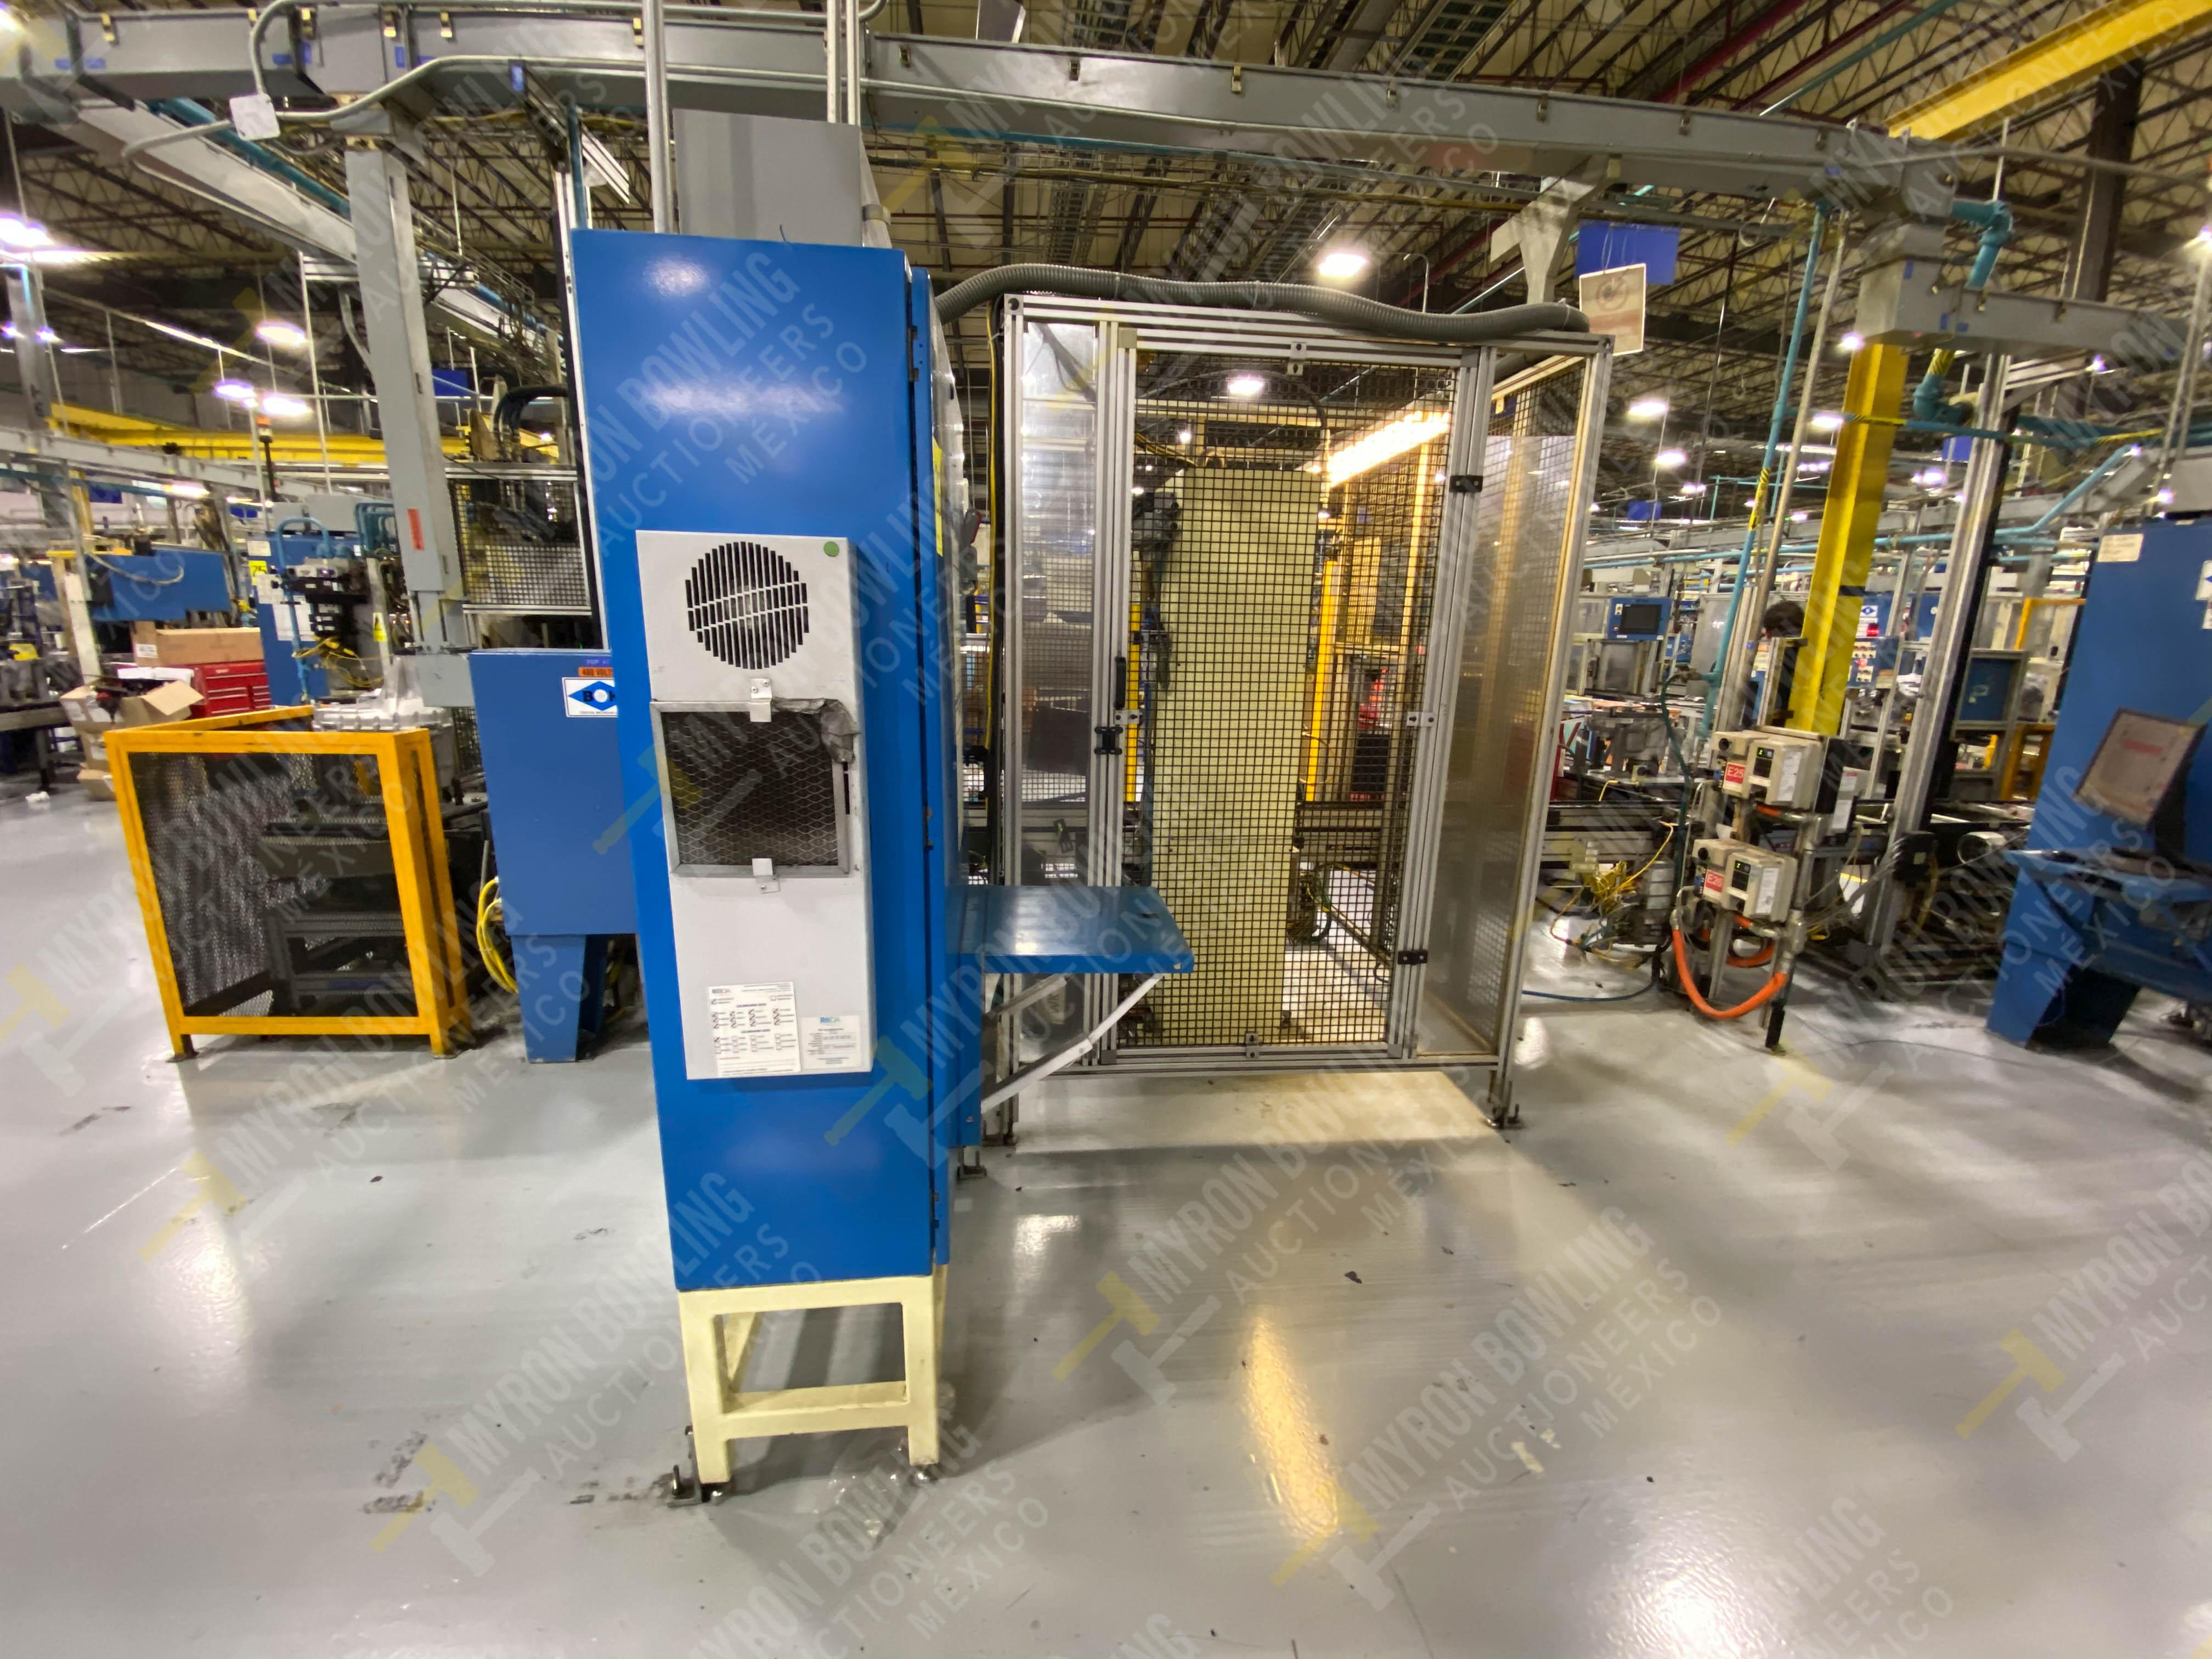 Estación manual para operación 383, contiene: Prensa marca PROMESS en estructura de placa de acero - Image 23 of 27